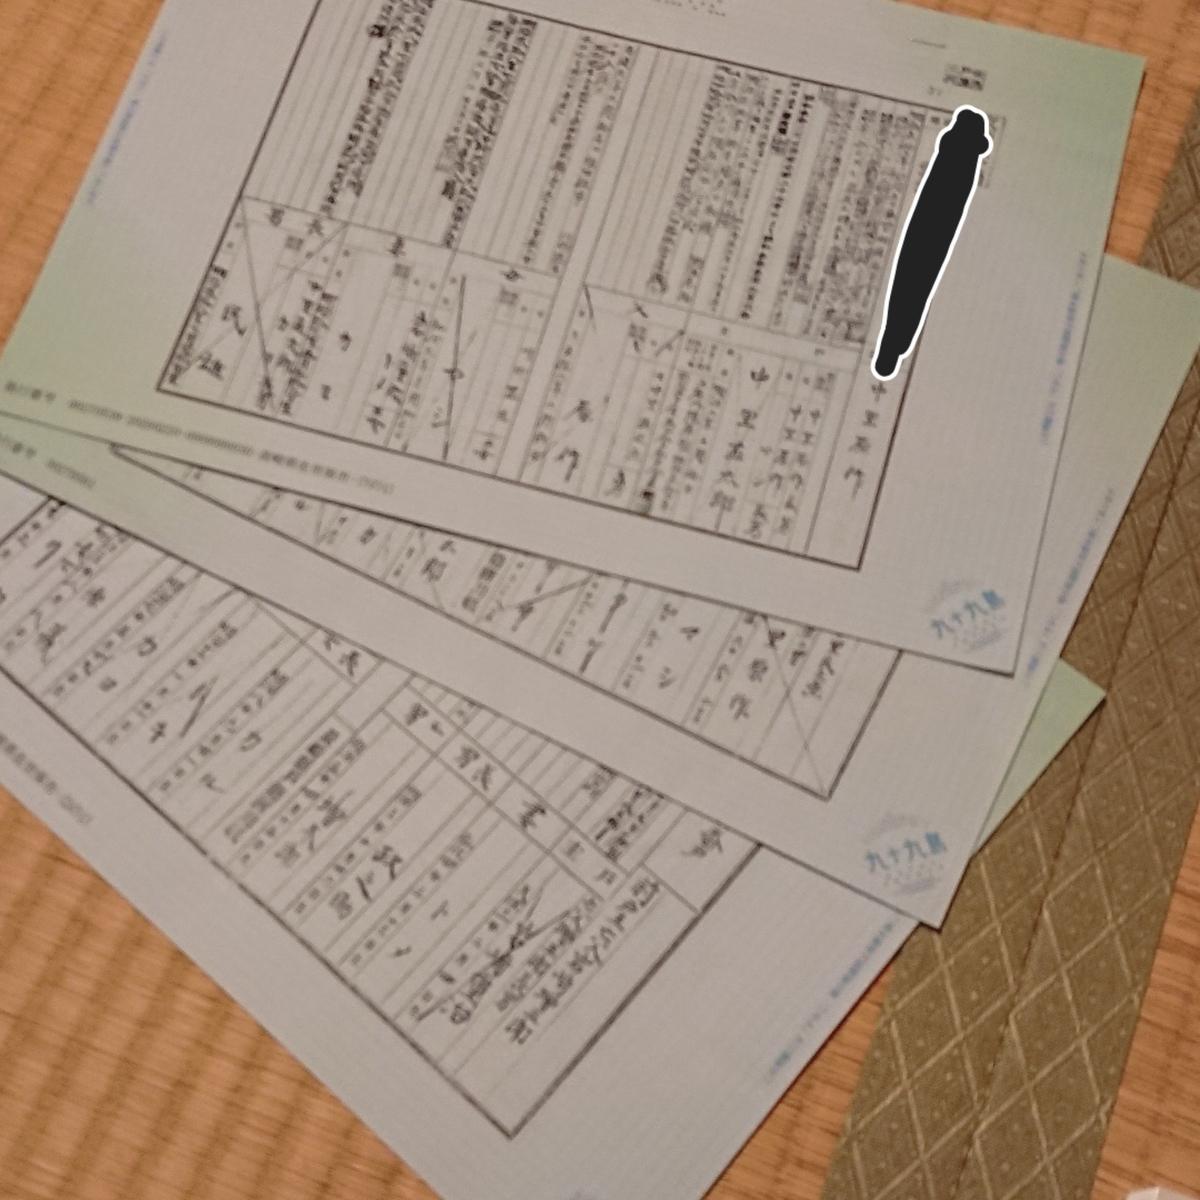 f:id:rinne_kururi:20200316190627j:plain